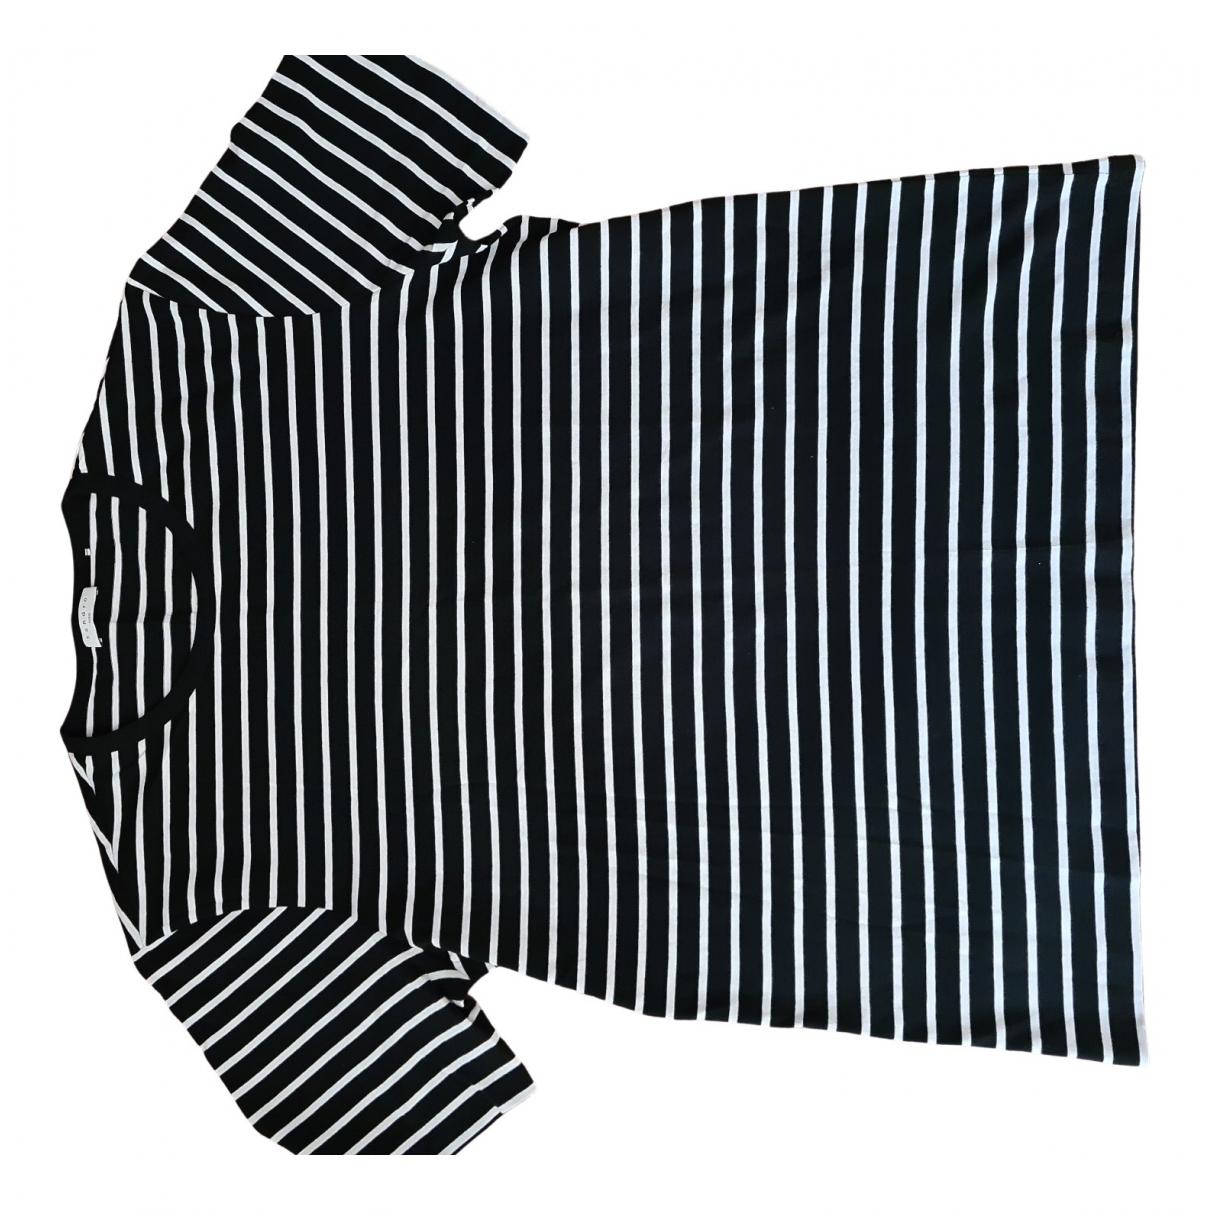 Sandro - Tee shirts Spring Summer 2019 pour homme en coton - noir